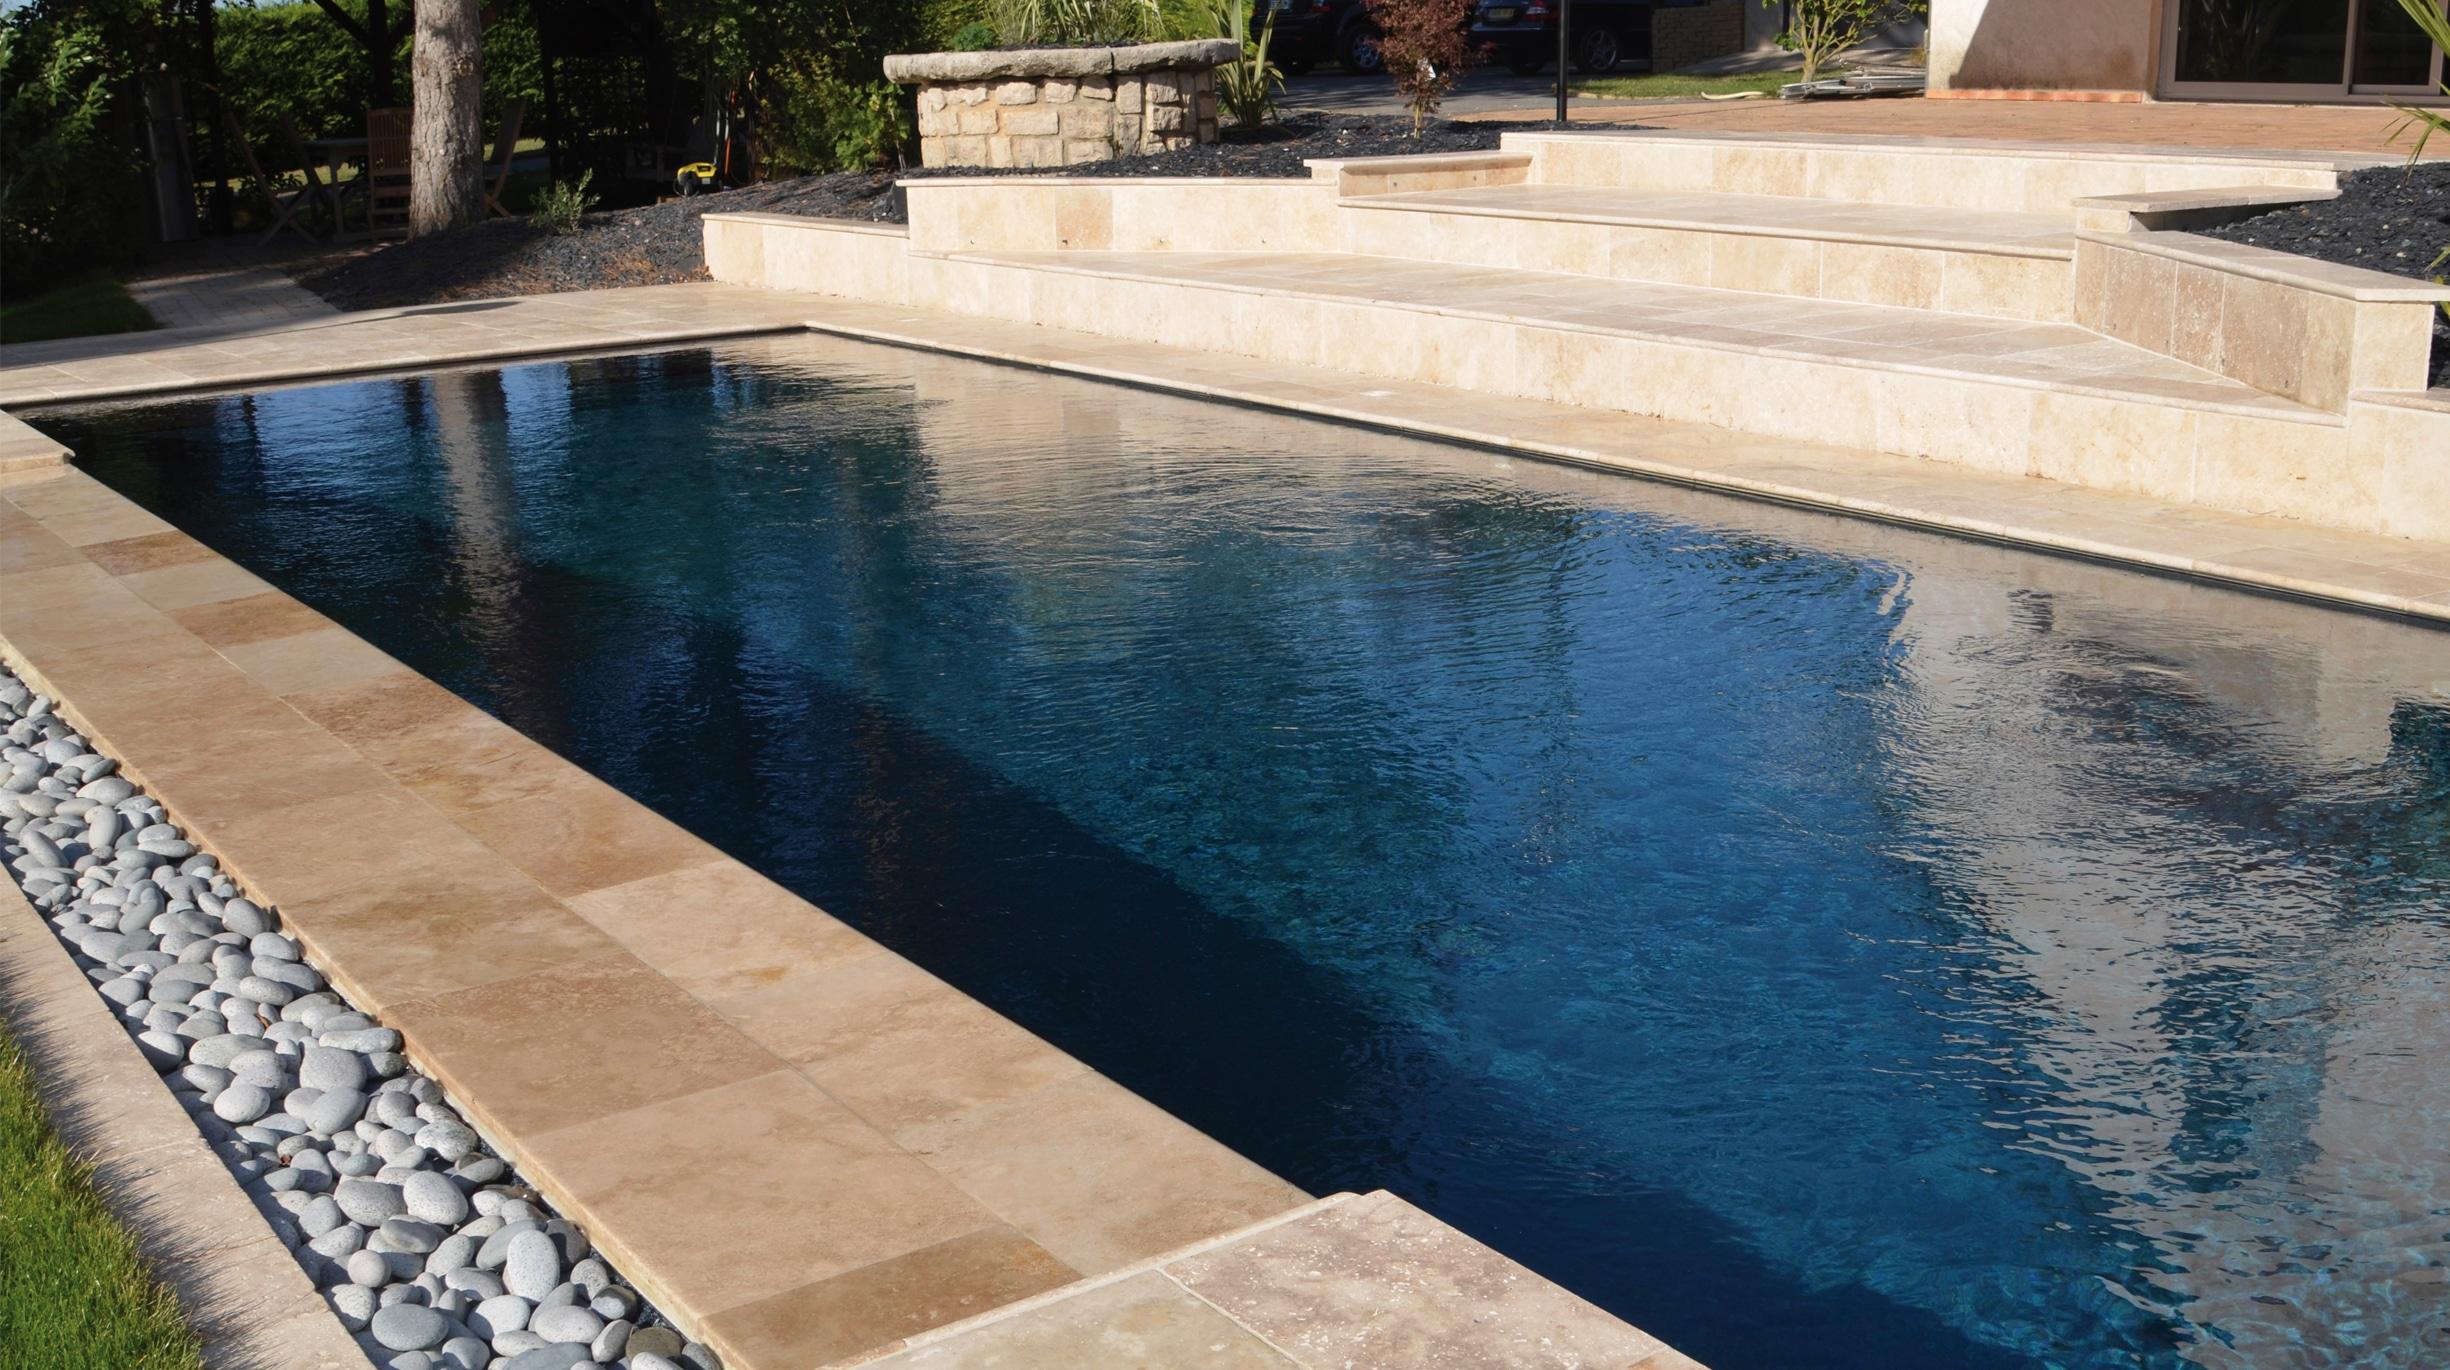 revetement-mineral Des piscines familiales design conçues pour s'amuser et se détendre